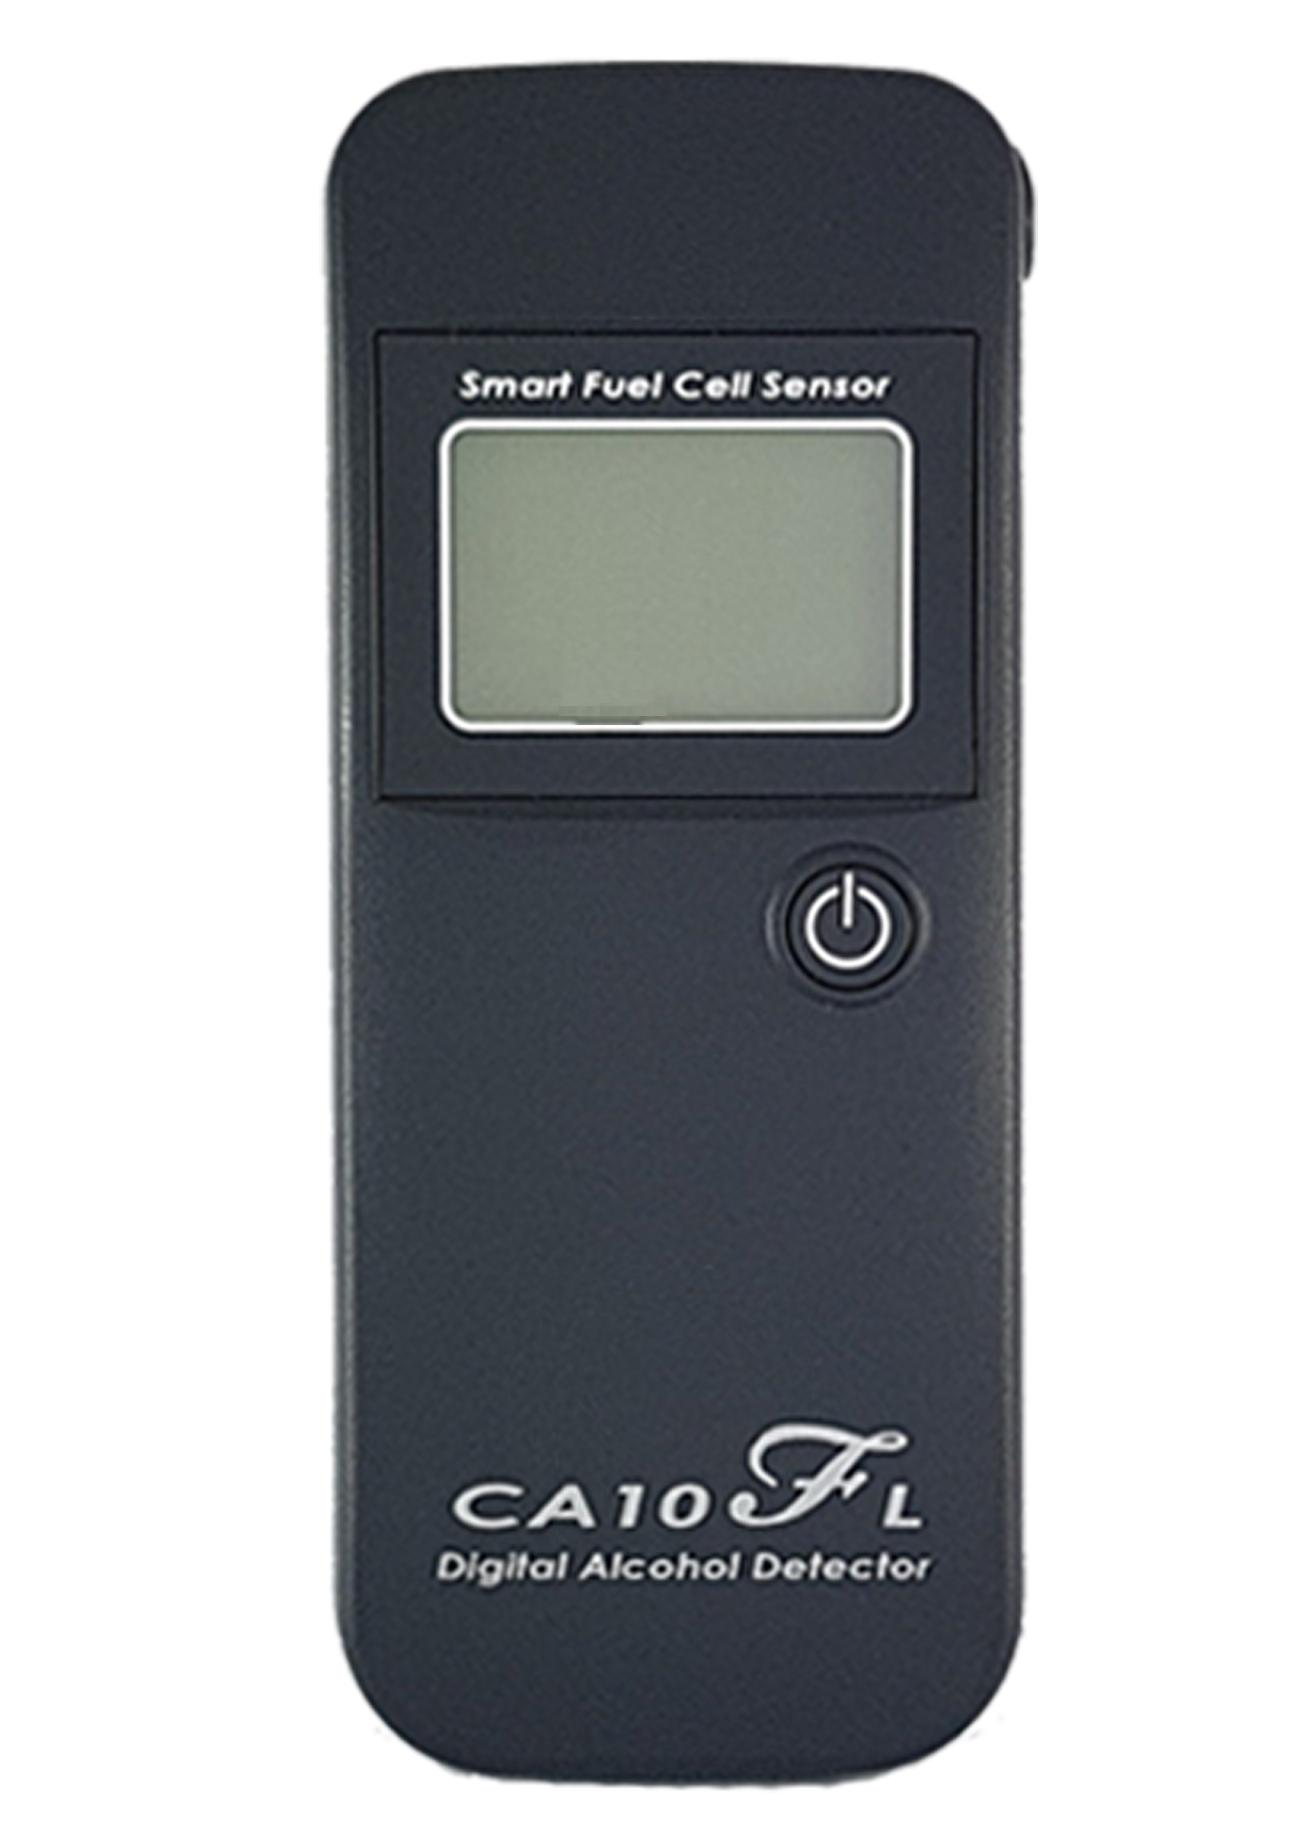 Levně CAOS CA10 FL + prvotní kalibrace ZDARMA